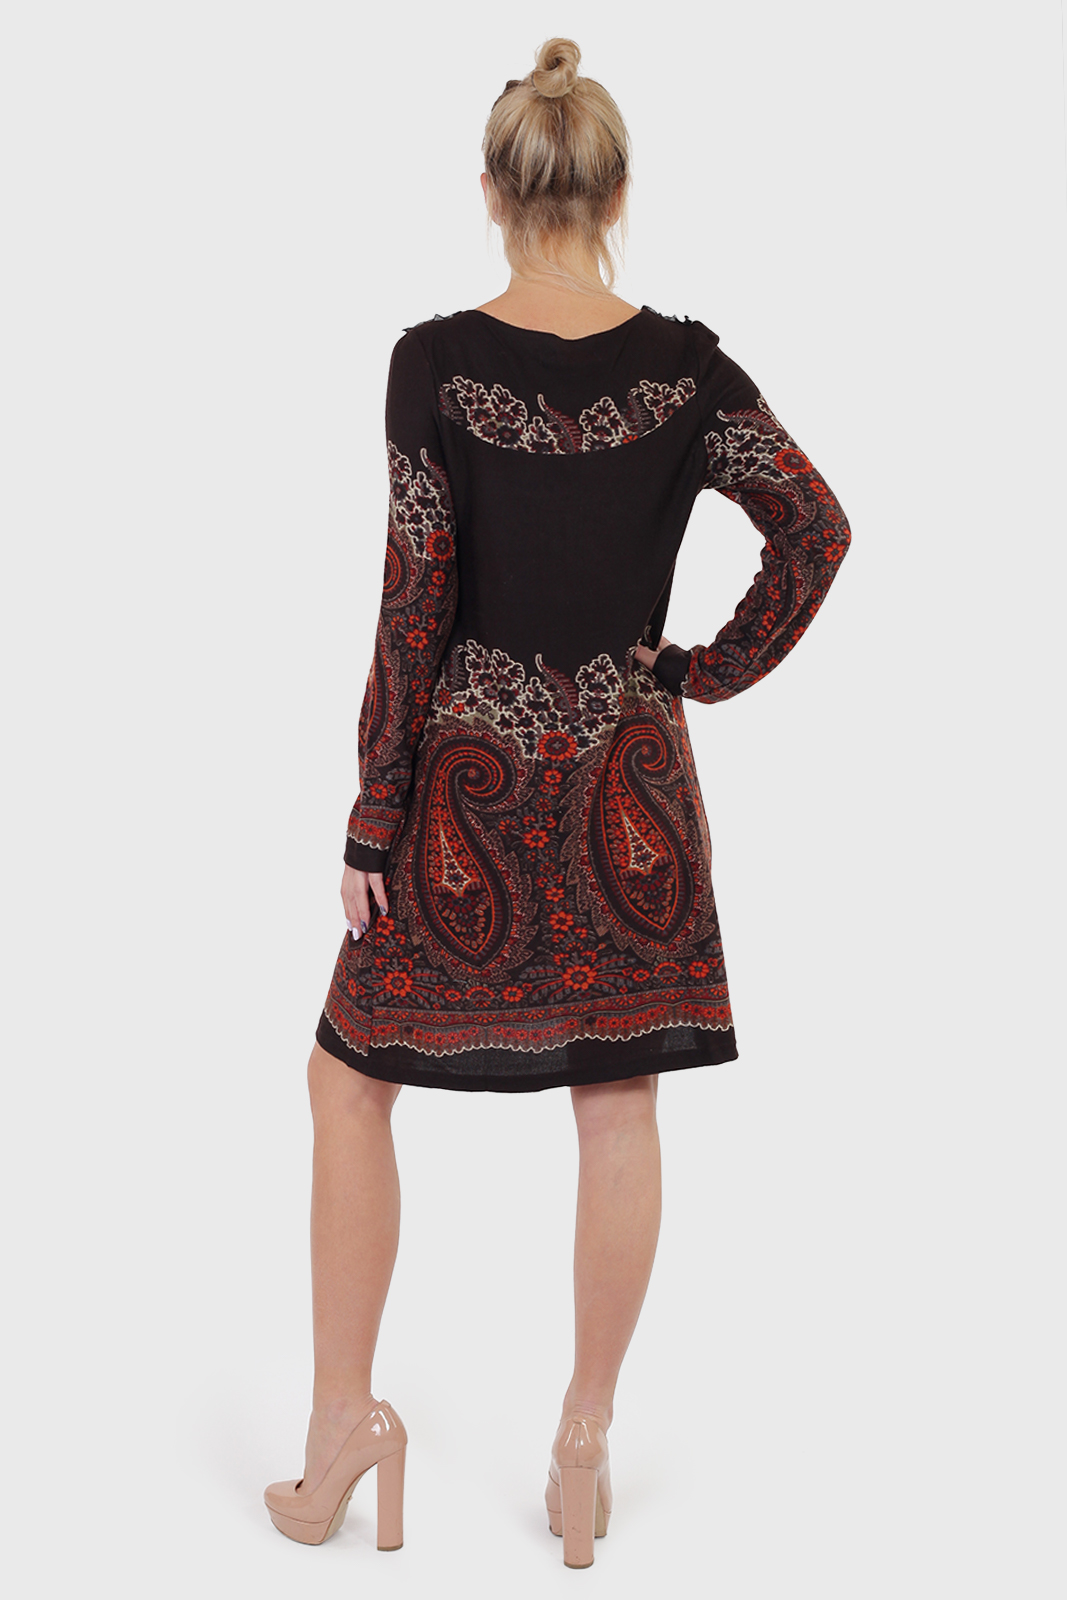 Эксклюзив! Смелое и свободное миди платье RANA.